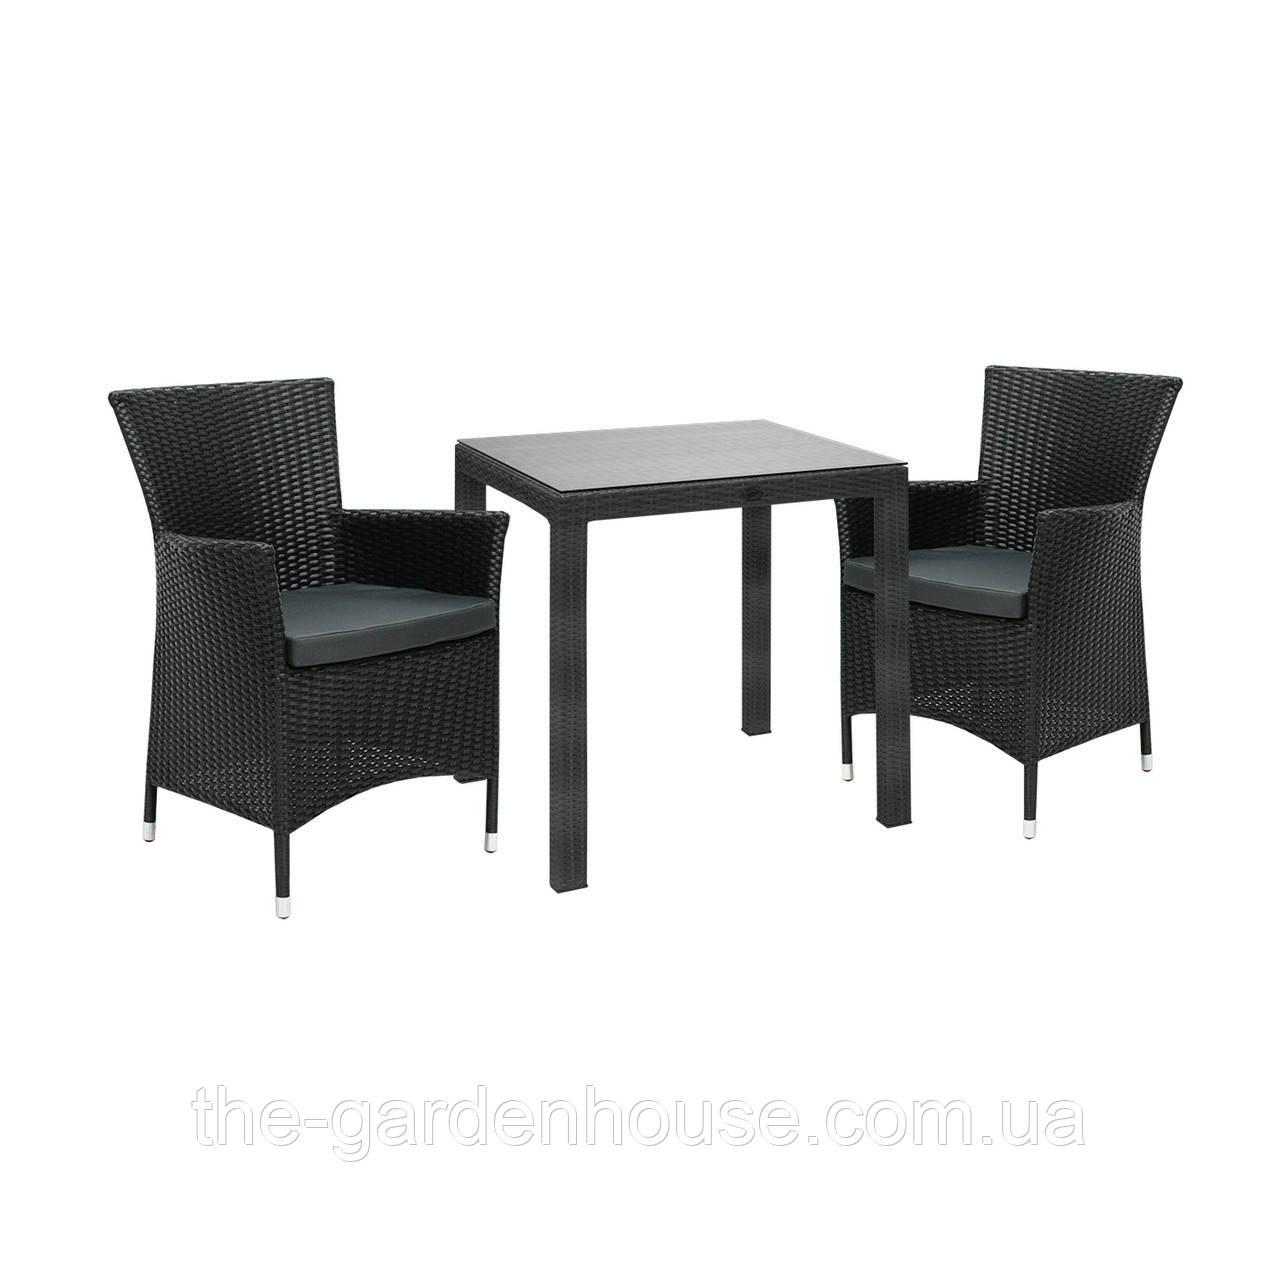 Двухместный набор садовой мебели Викер из техноротанга черный